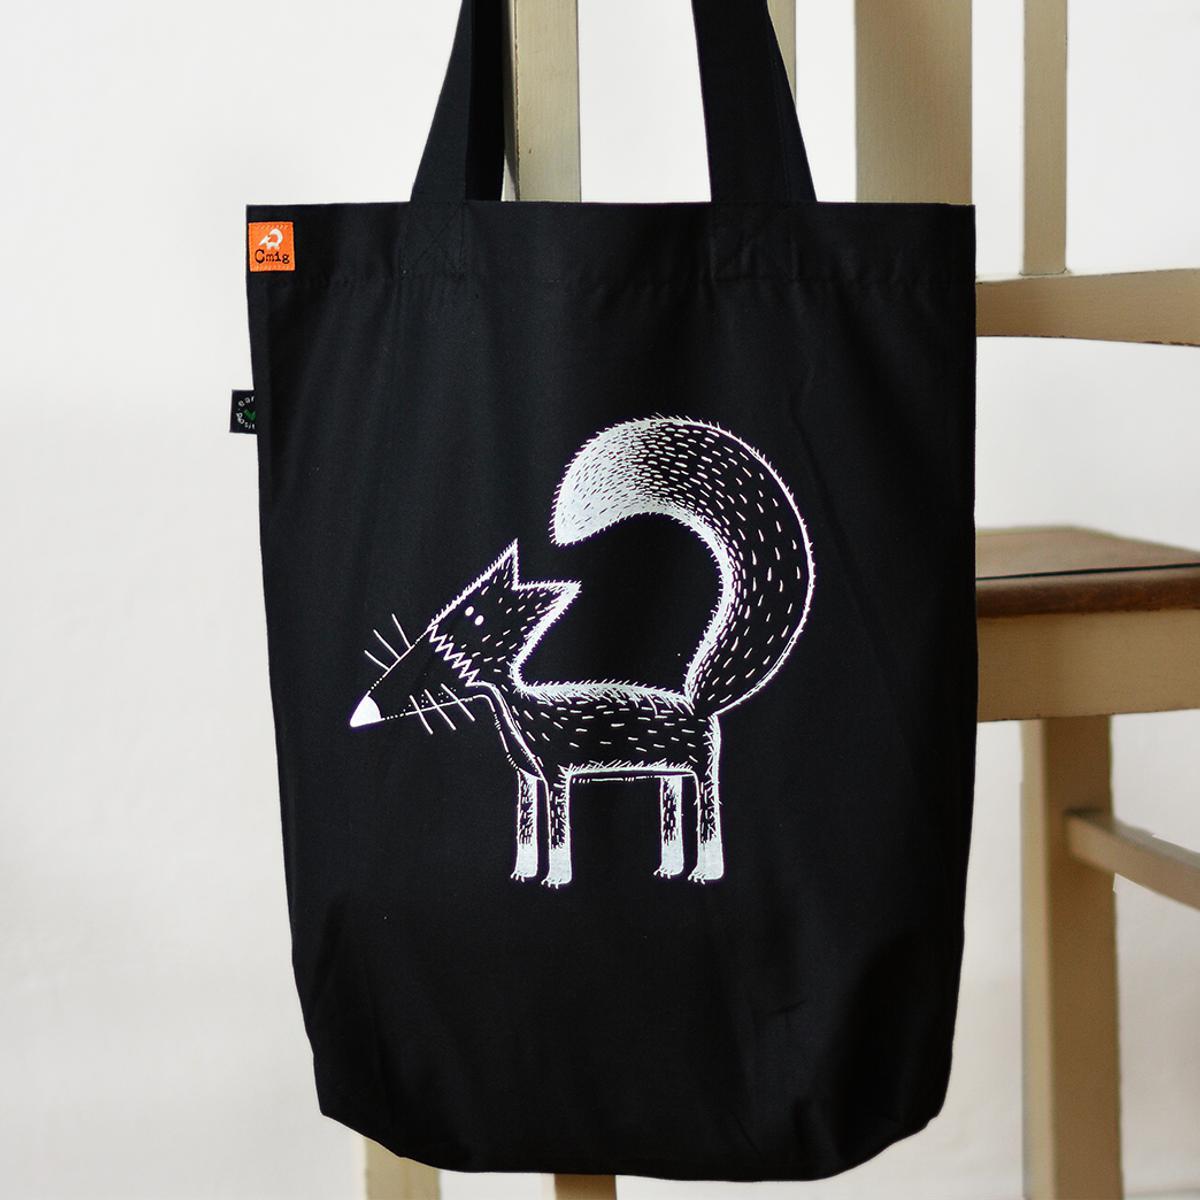 194d579437c1 Cmig Franziska Räv tygkasse svart - Väska bestellen - cmig - ekologiska  kläder / handtryckta tröjor och ateljésydda byxor från hannover